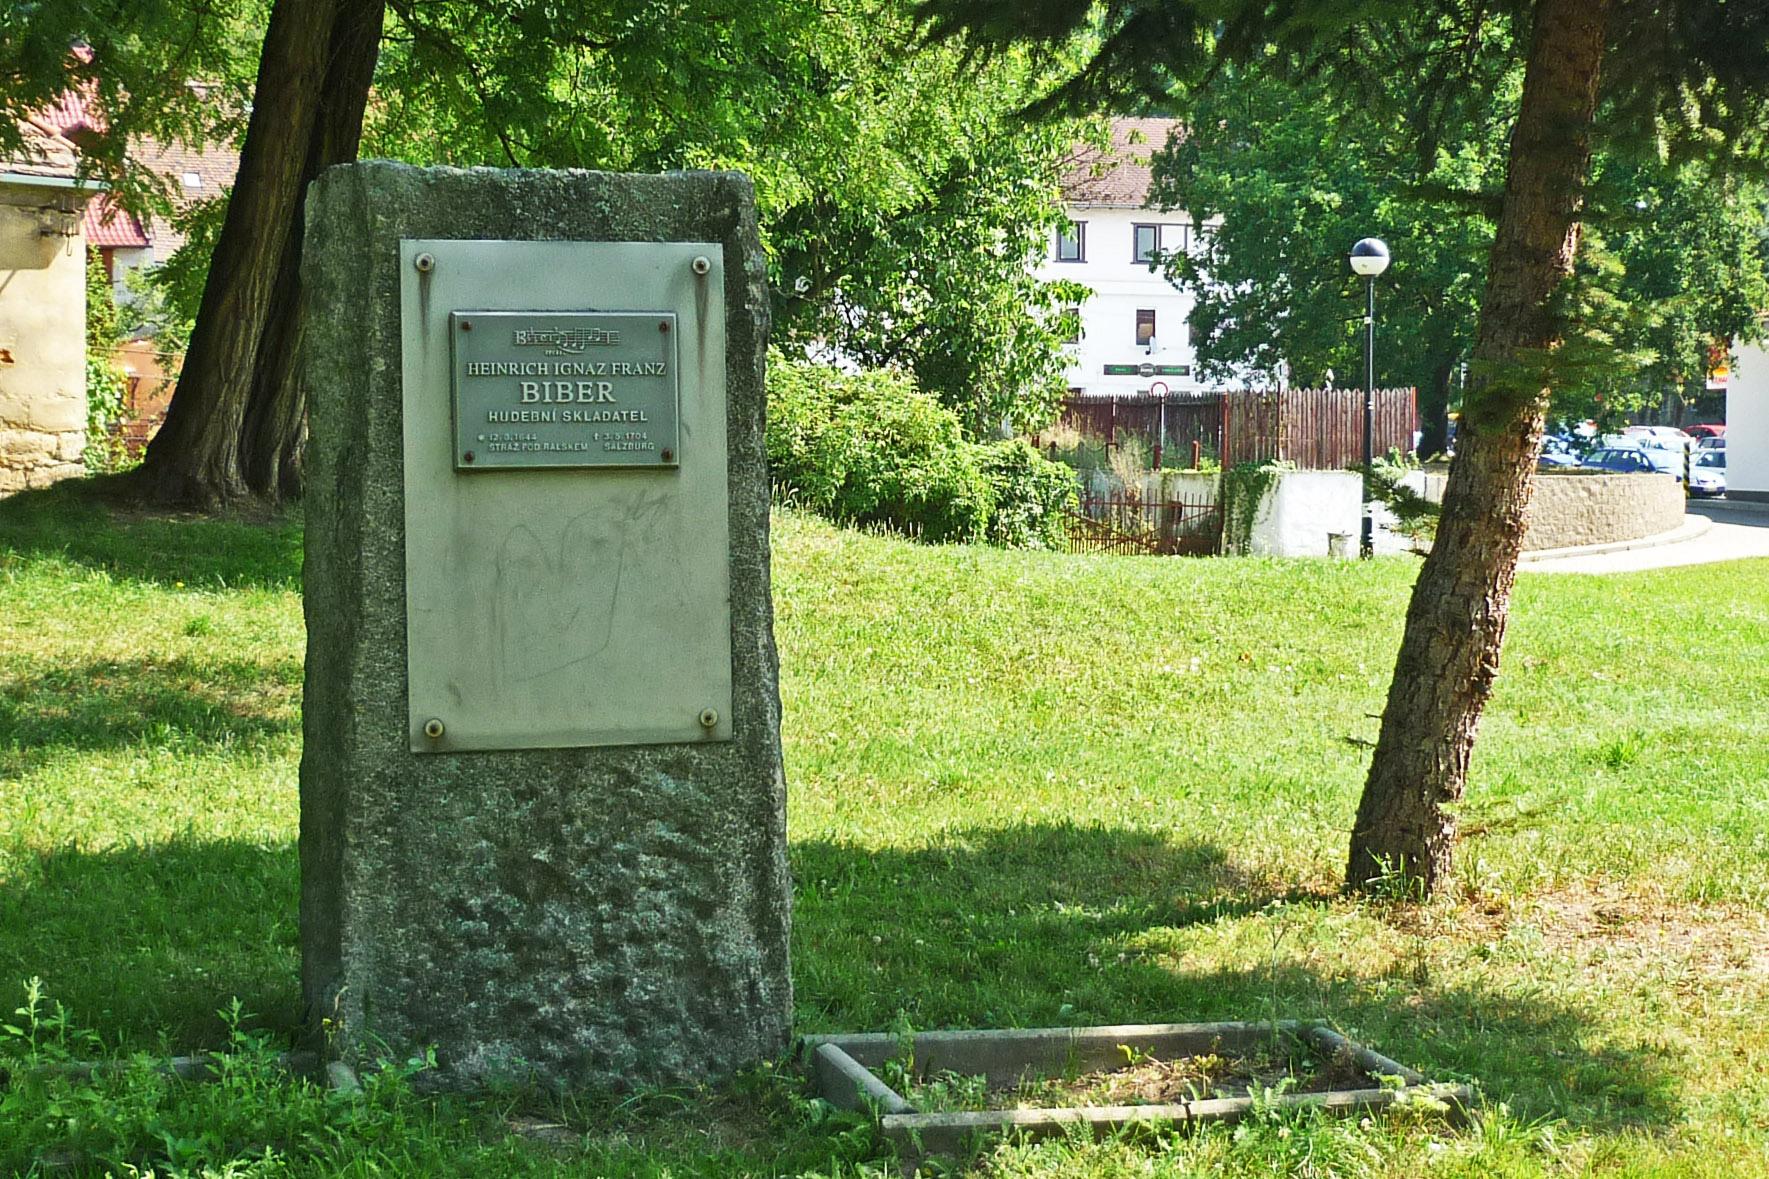 Biber monument